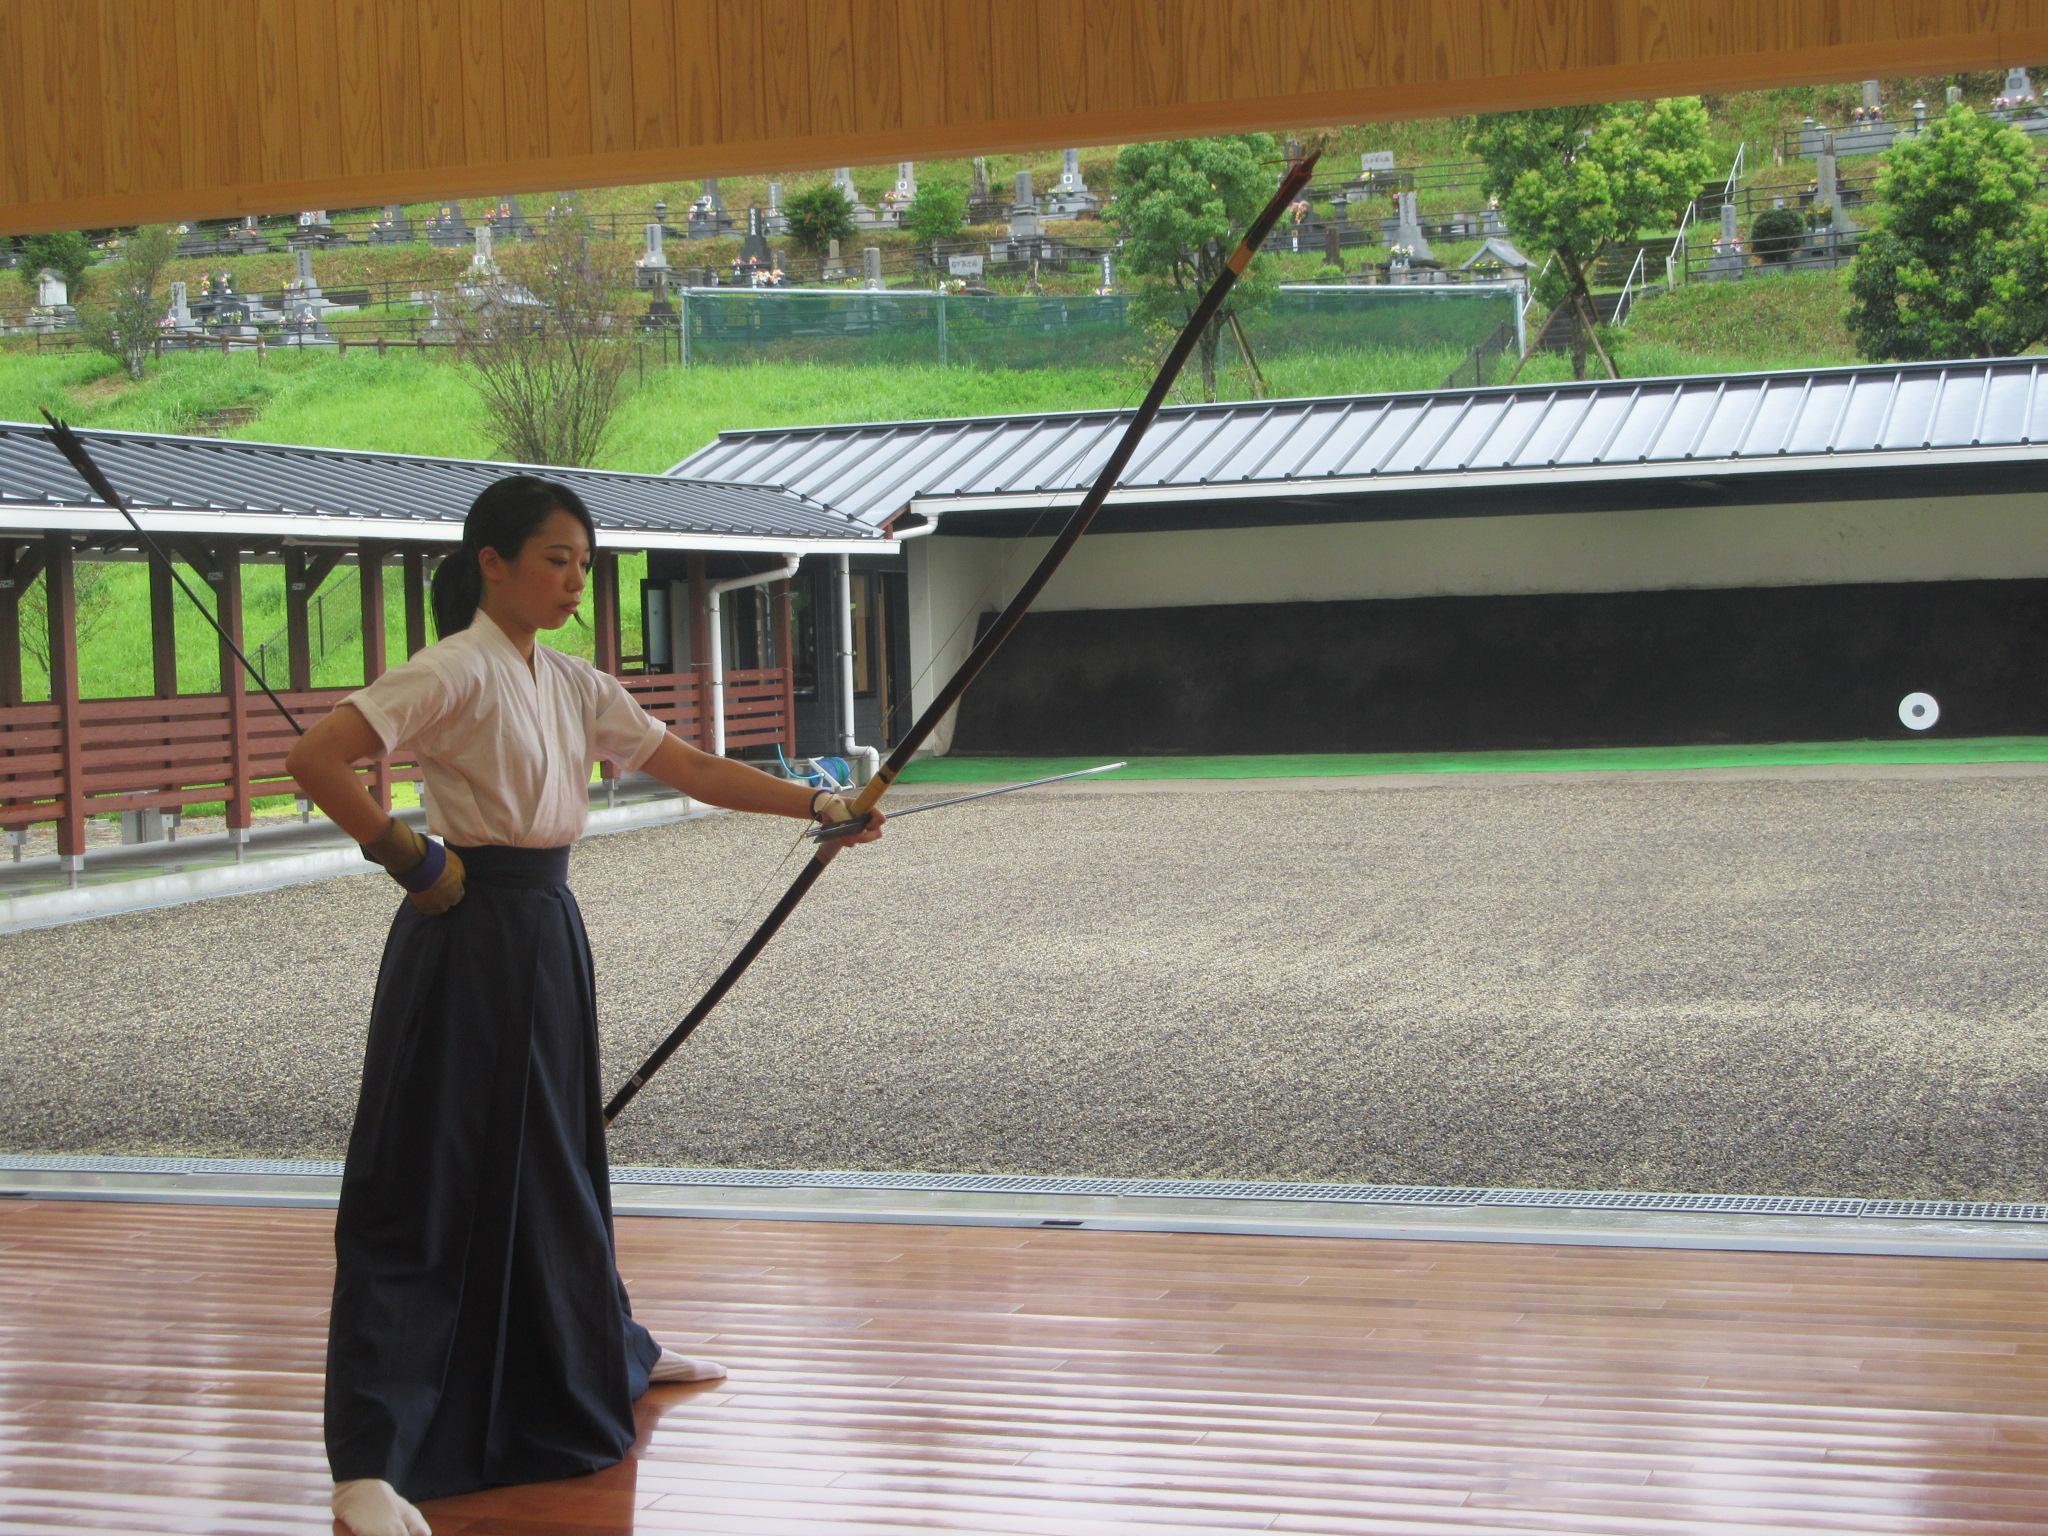 女子副将の東田による矢渡し